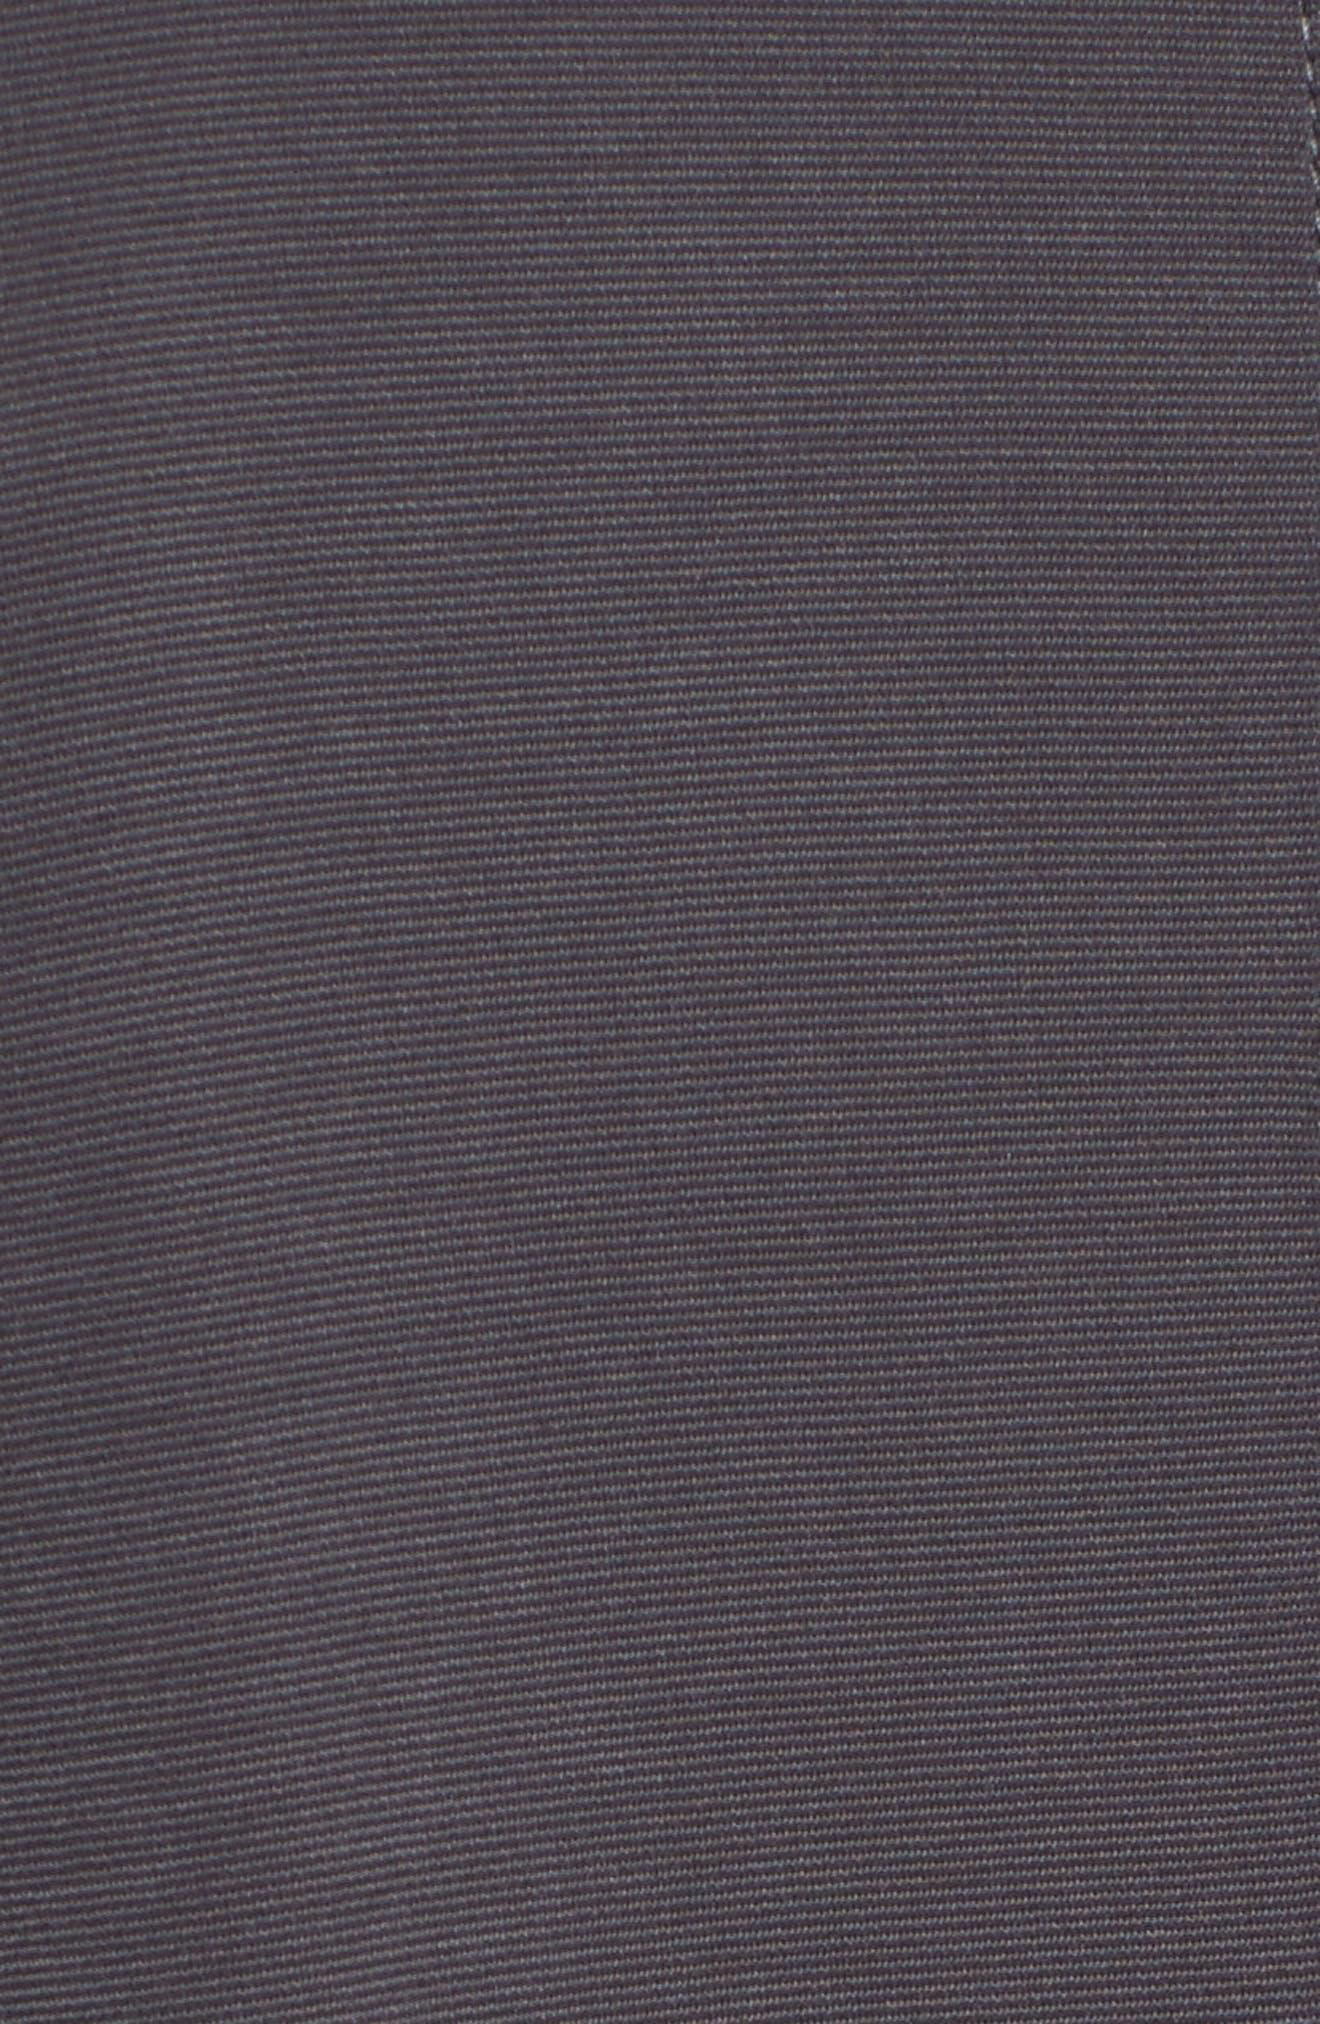 Tied Cold Shoulder Dress,                             Alternate thumbnail 5, color,